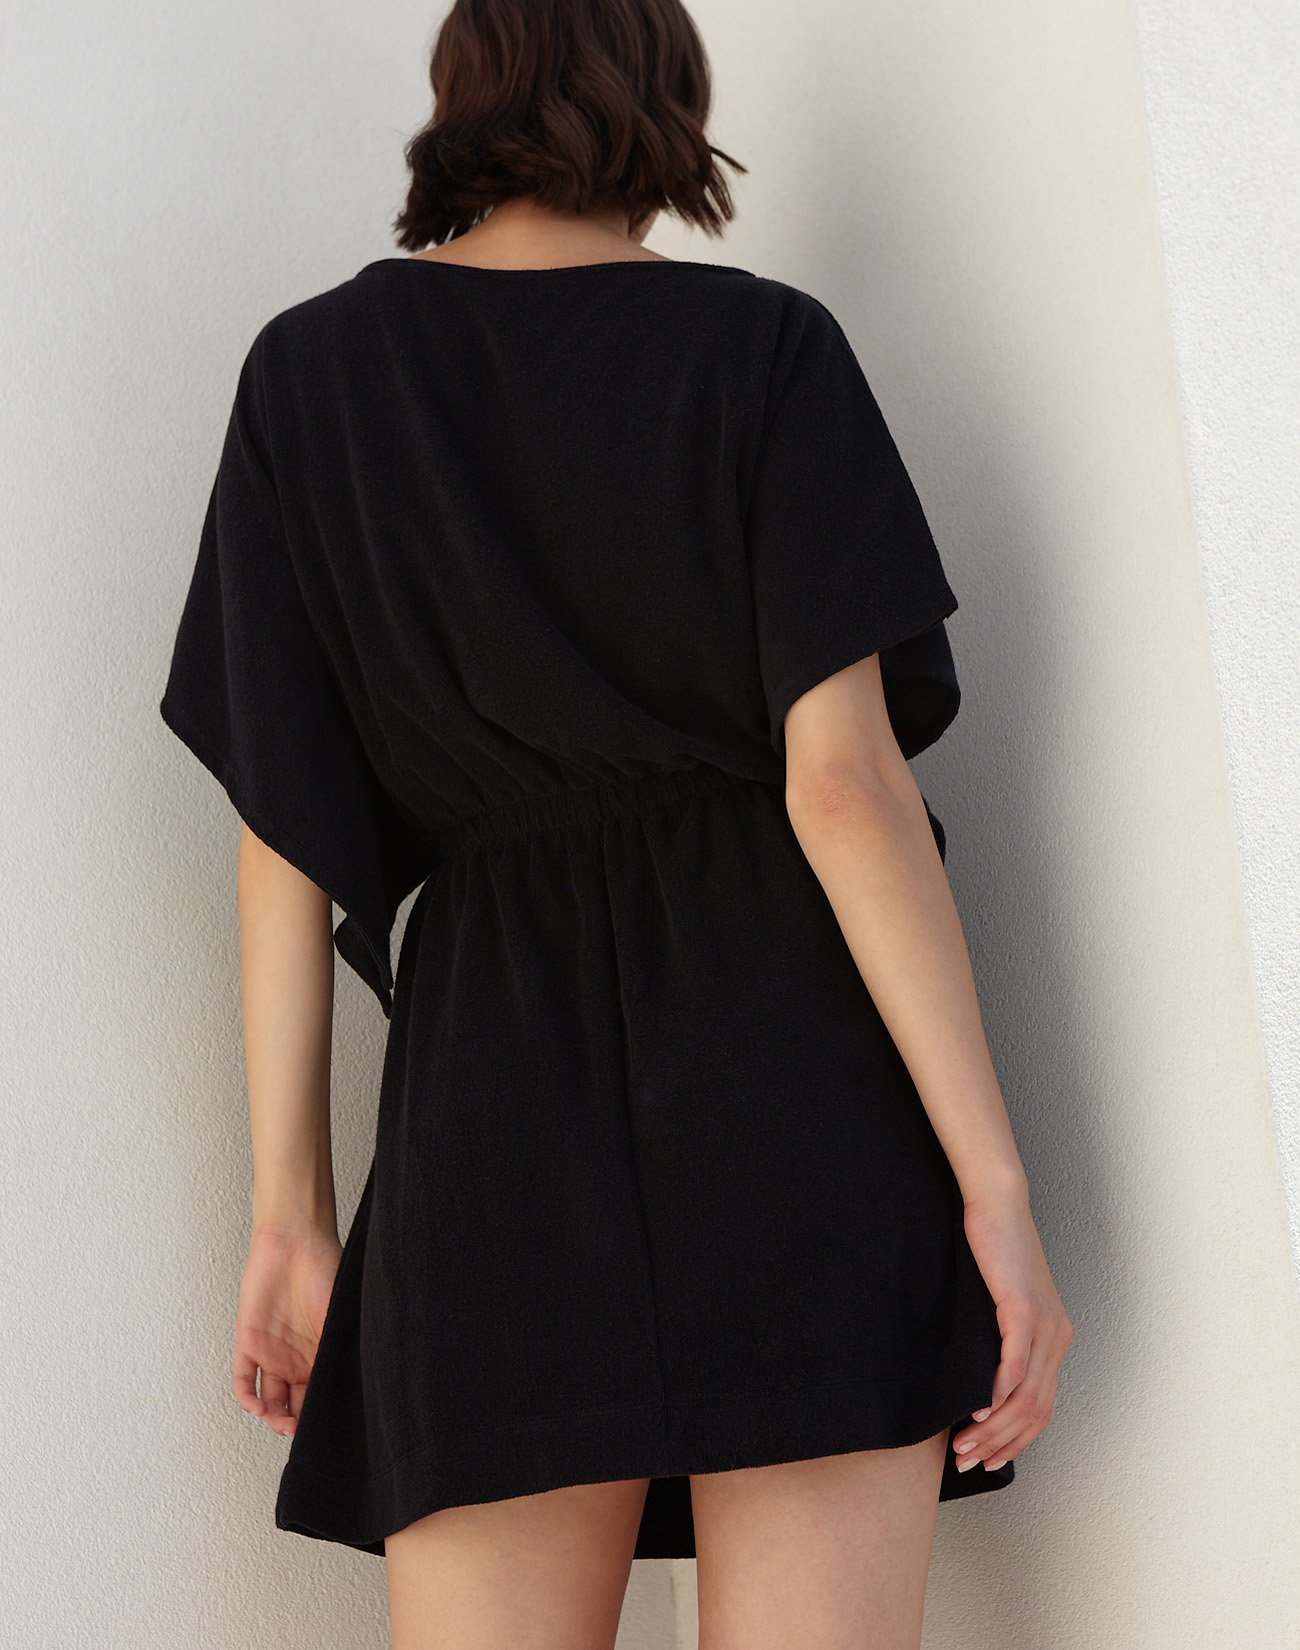 Μίνι φόρεμα πετσέτα με δέσιμο